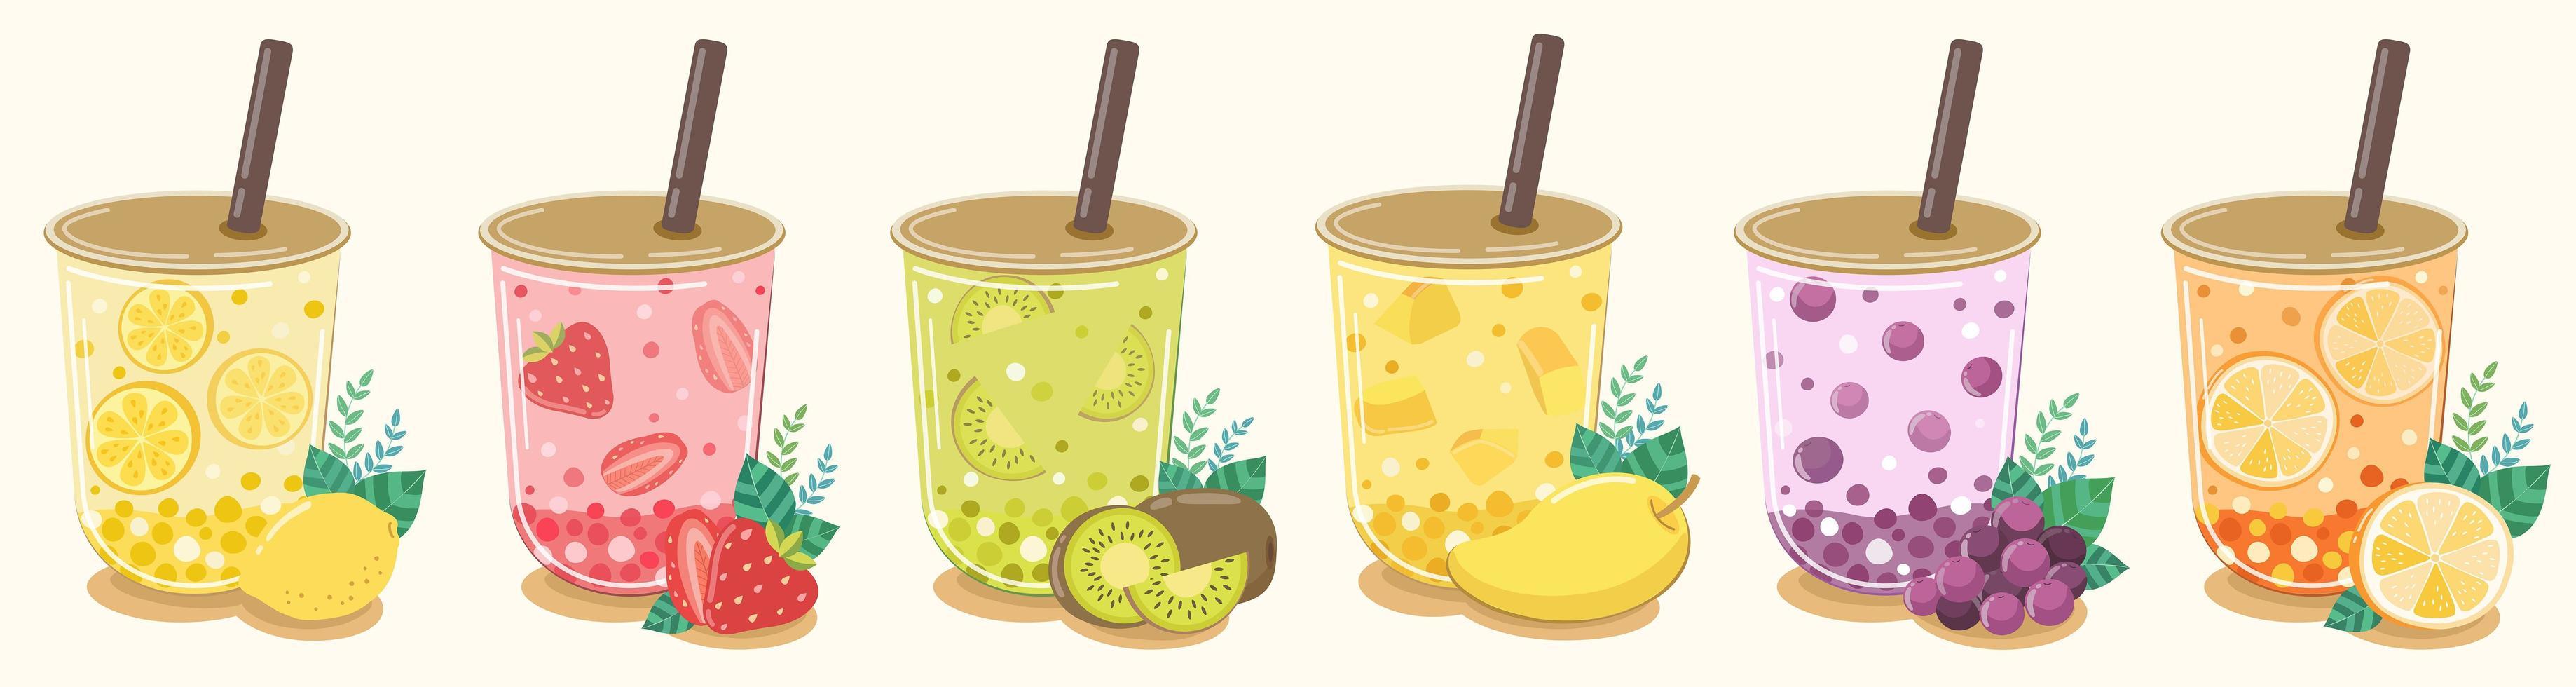 ensemble de boissons rafraîchissantes au thé aux fruits à saveur de fruits vecteur